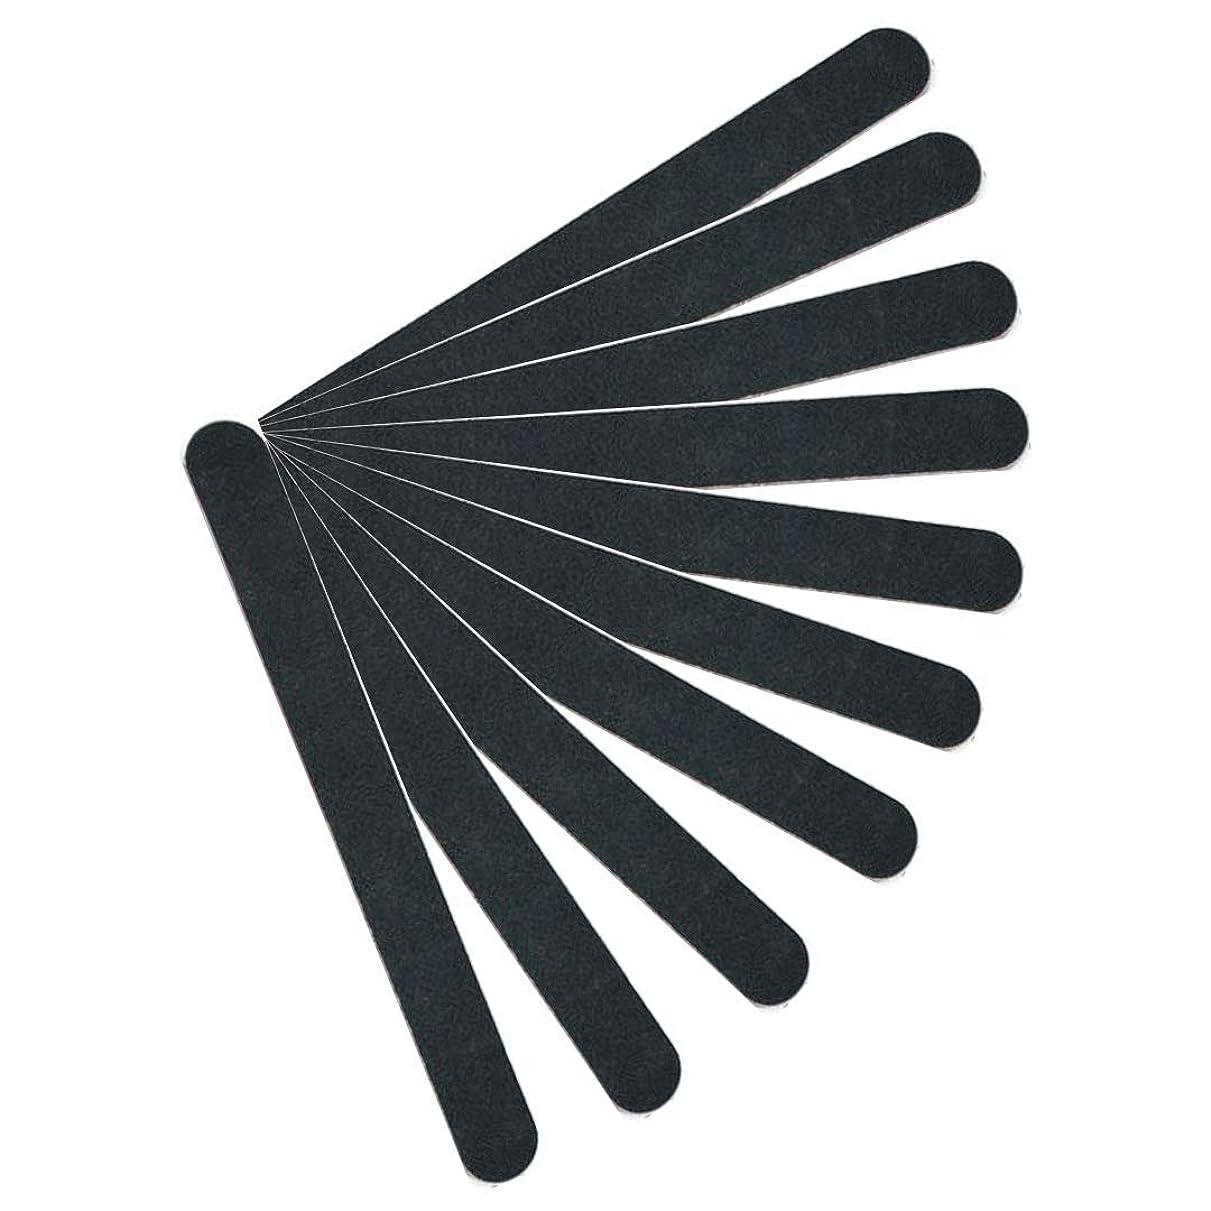 たるみバケットハードウェア【kimari】(10本セット)kmr-001ブラックネイルファイル エメリーボード 100/180グリット 爪けずり ネイルやすり